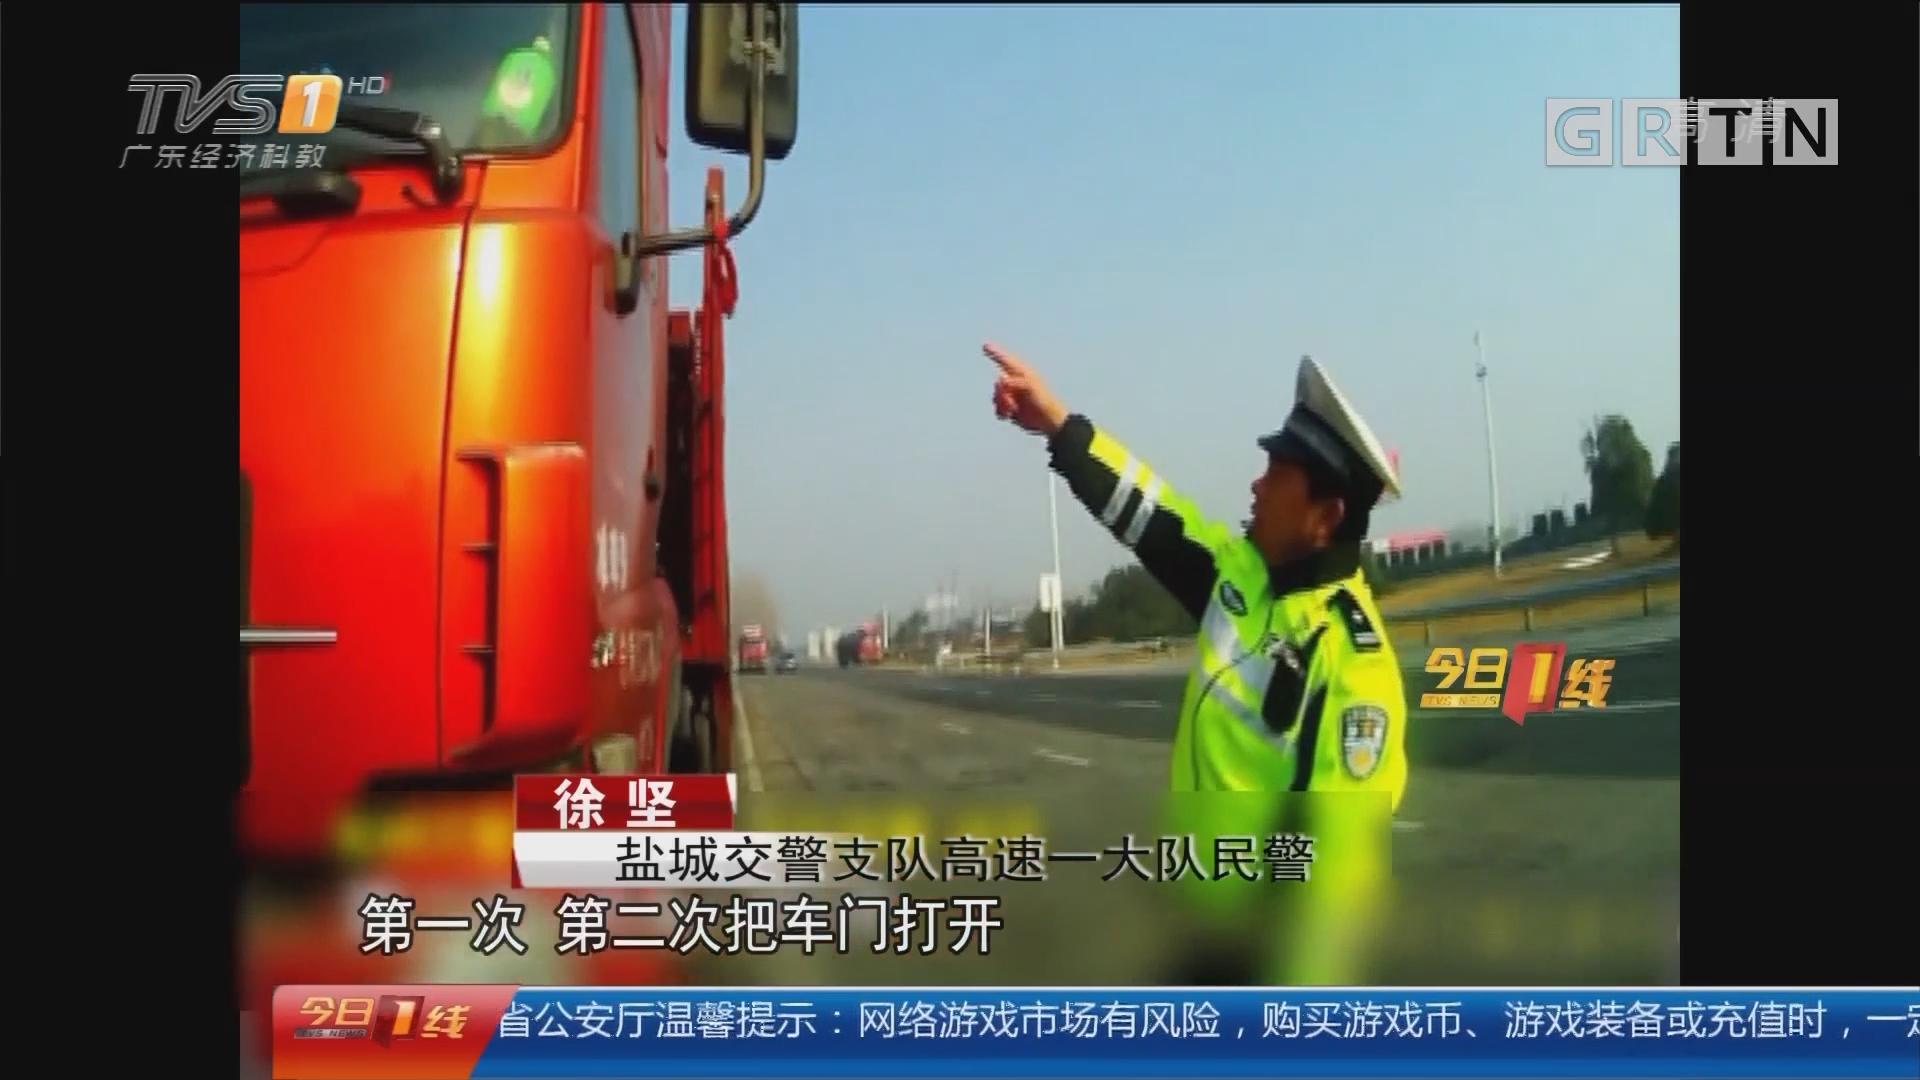 江苏:行贿不成锁门拒检 交警抡大锤破窗